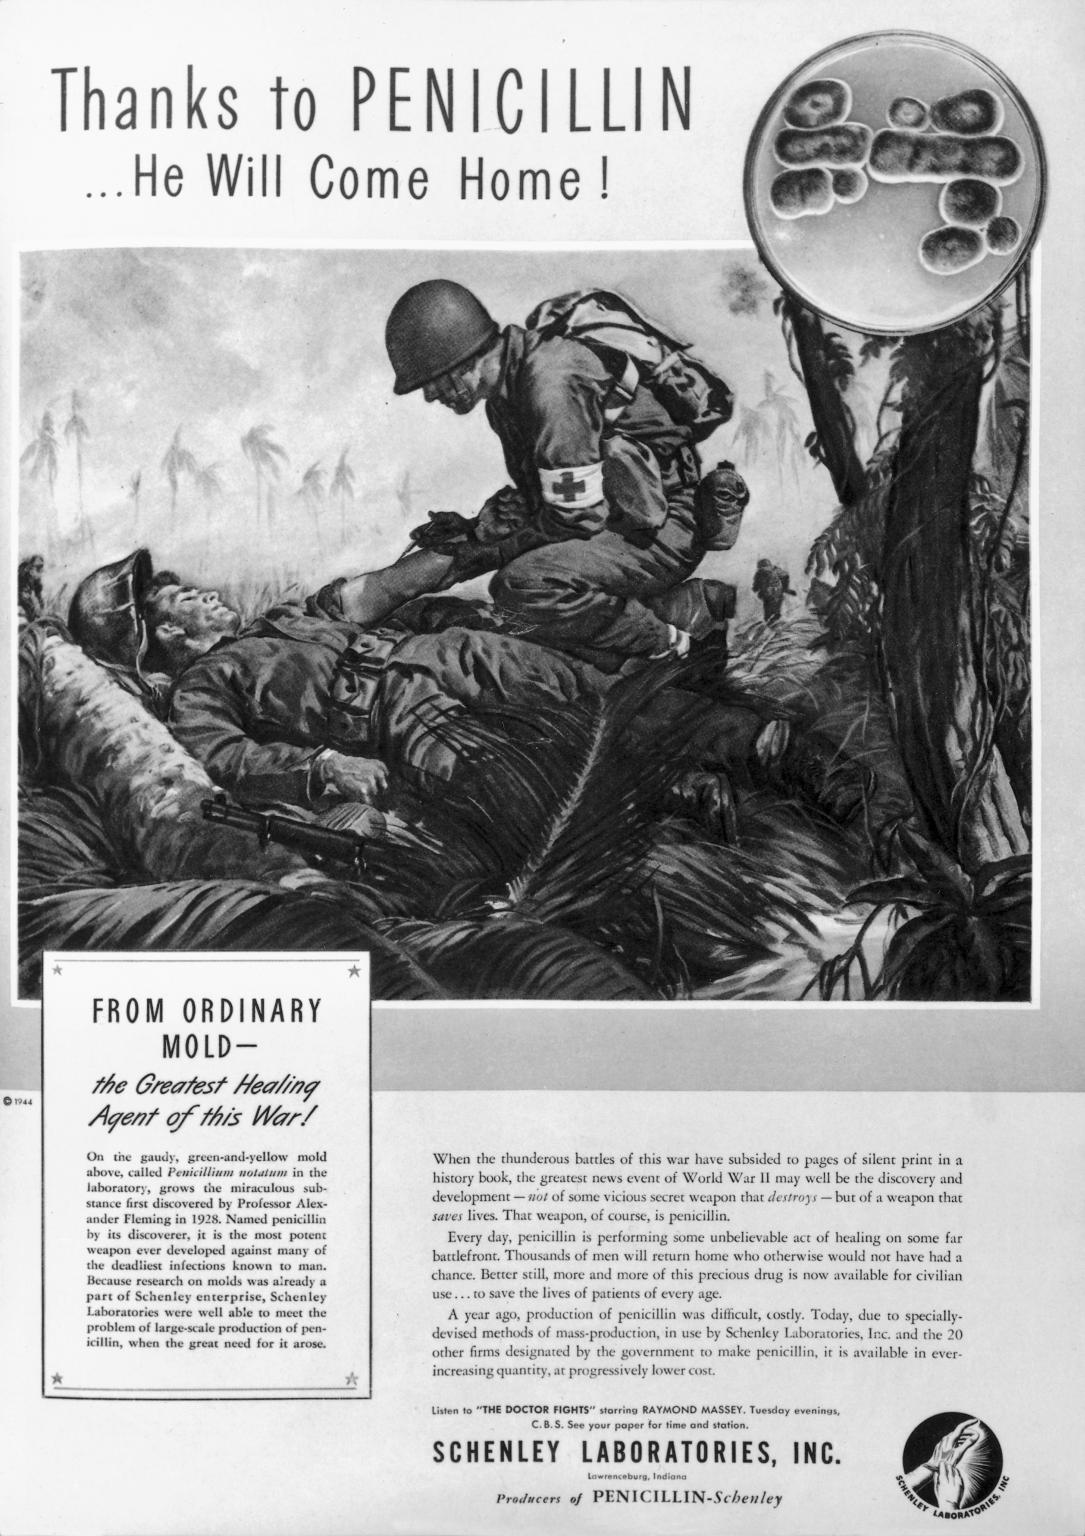 penicilin1944.png